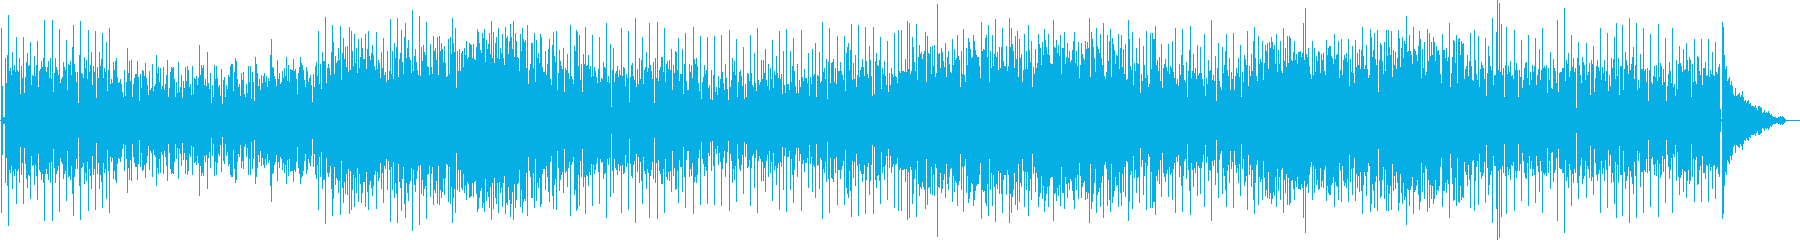 リズミックフォーク。の再生済みの波形